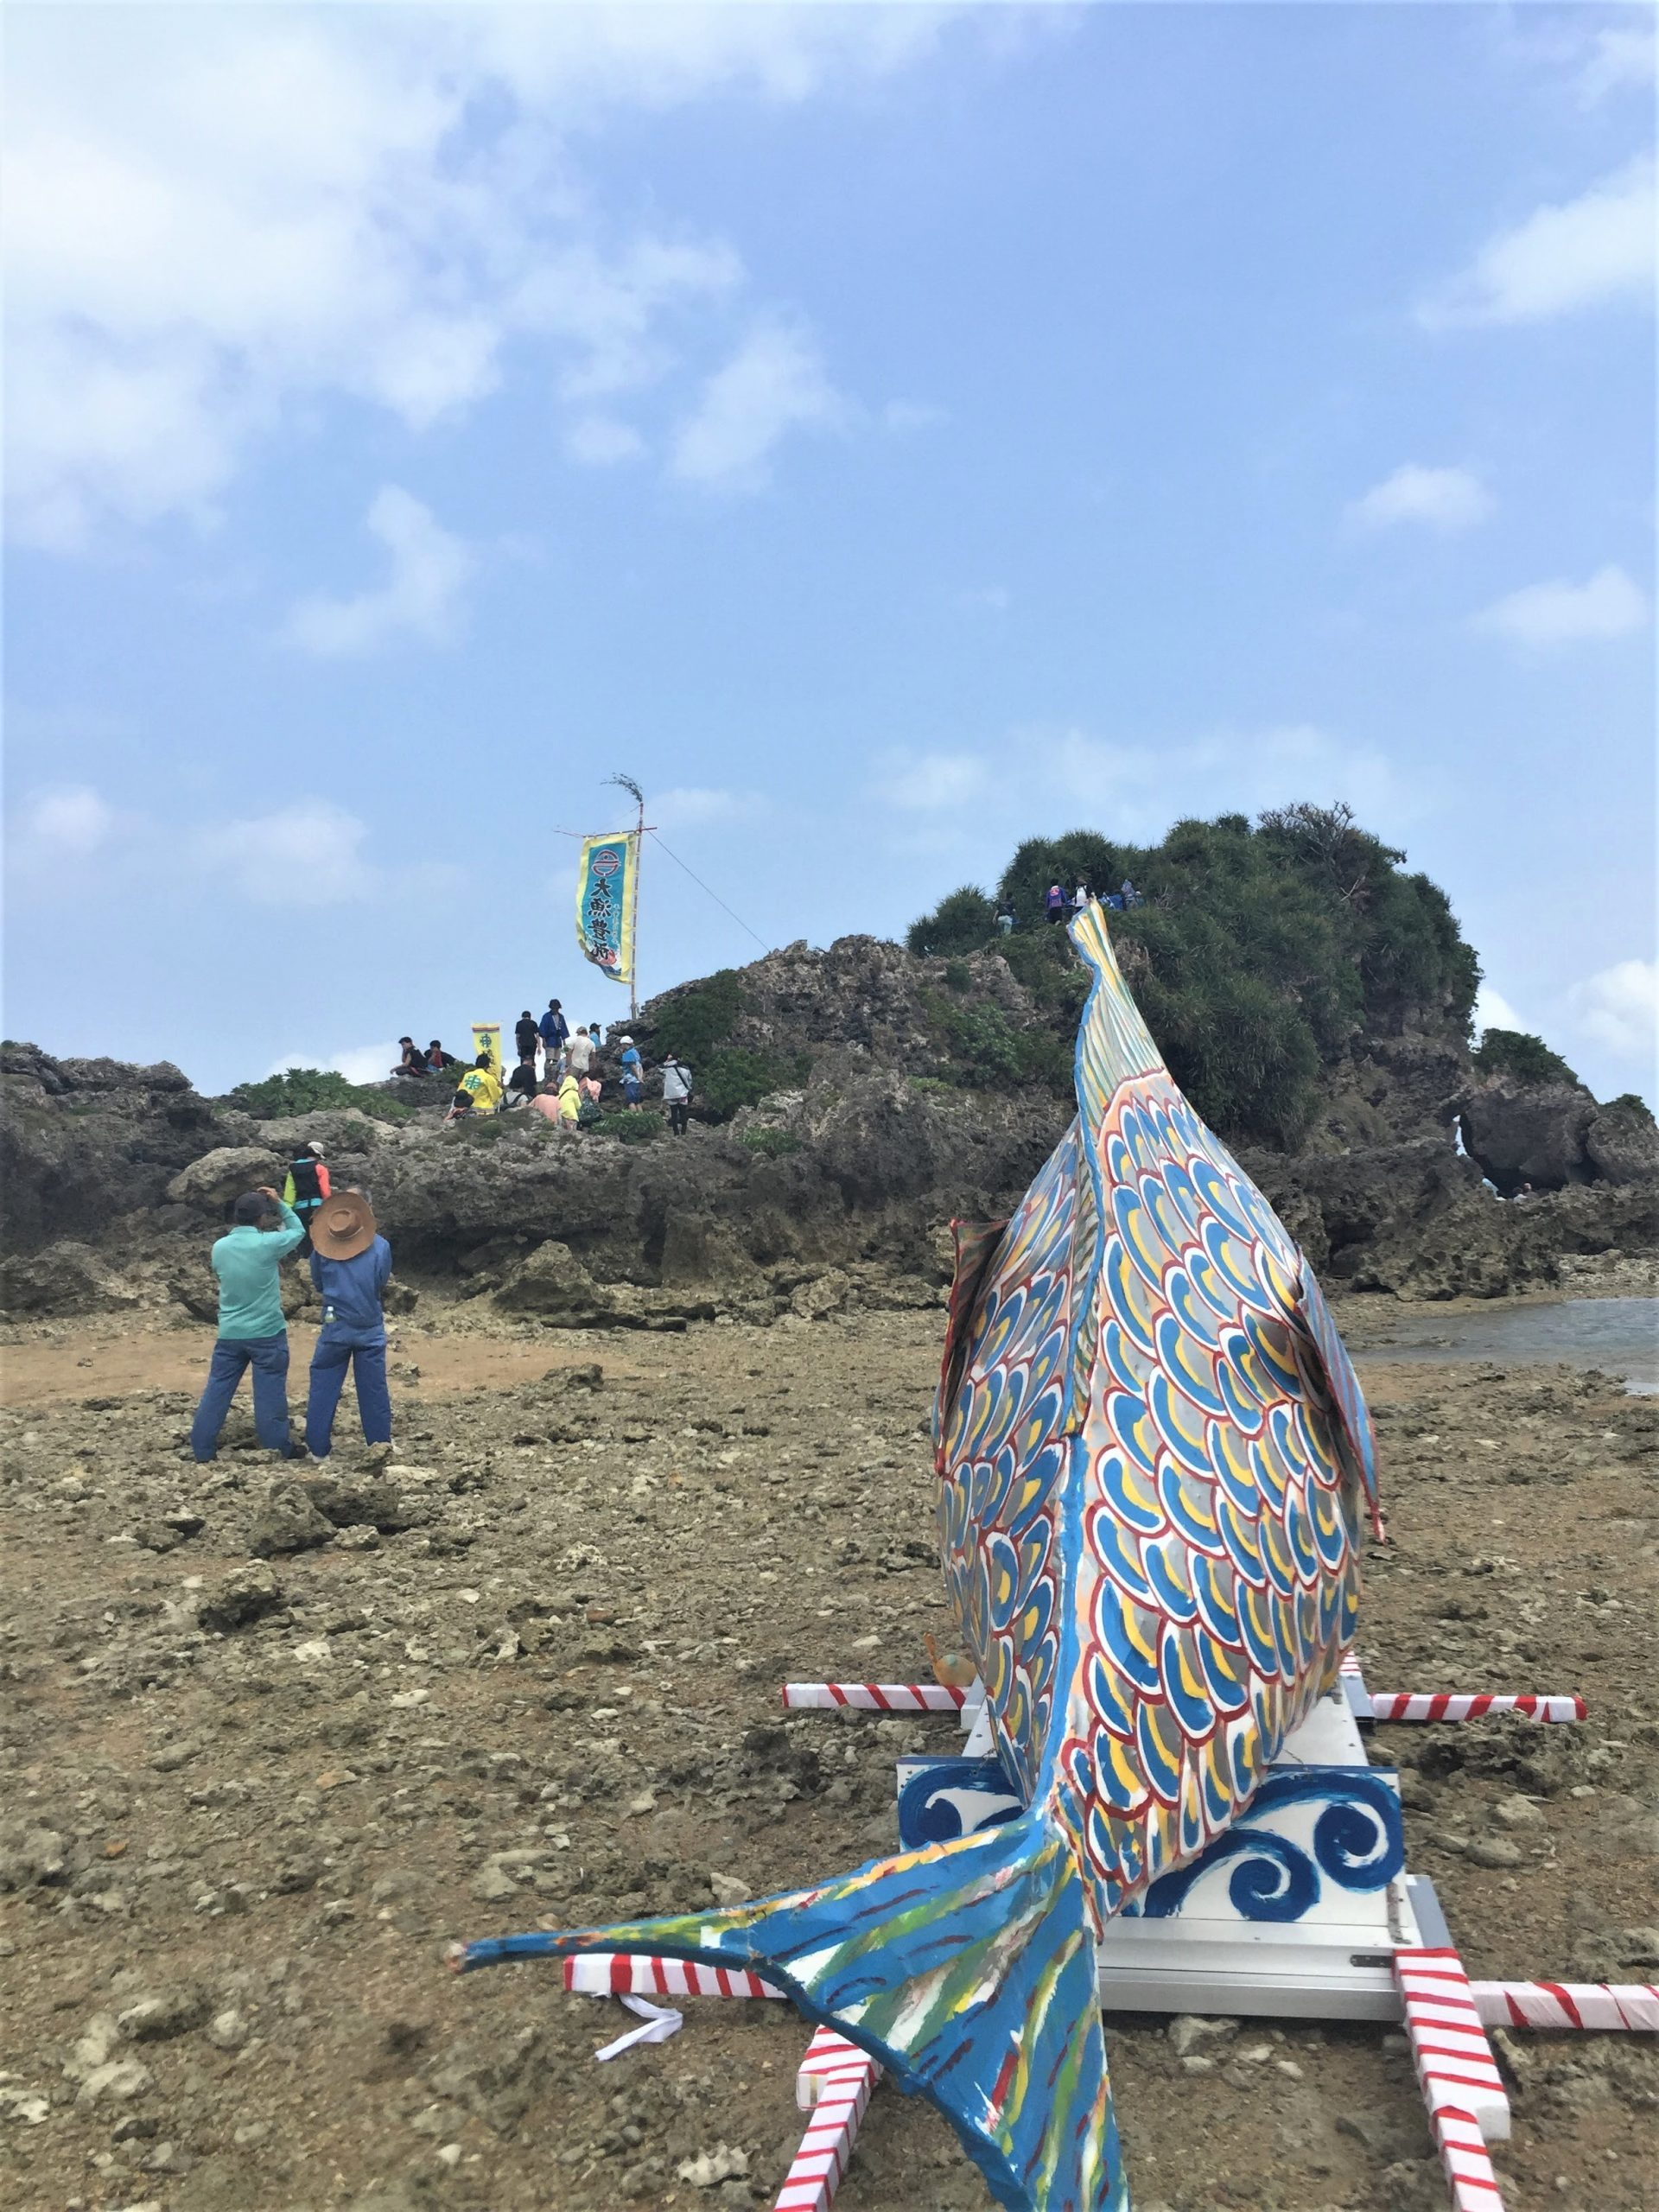 平安座島と宮城島と浜比嘉島の間の会場にある神聖な「ナンザモーイ」